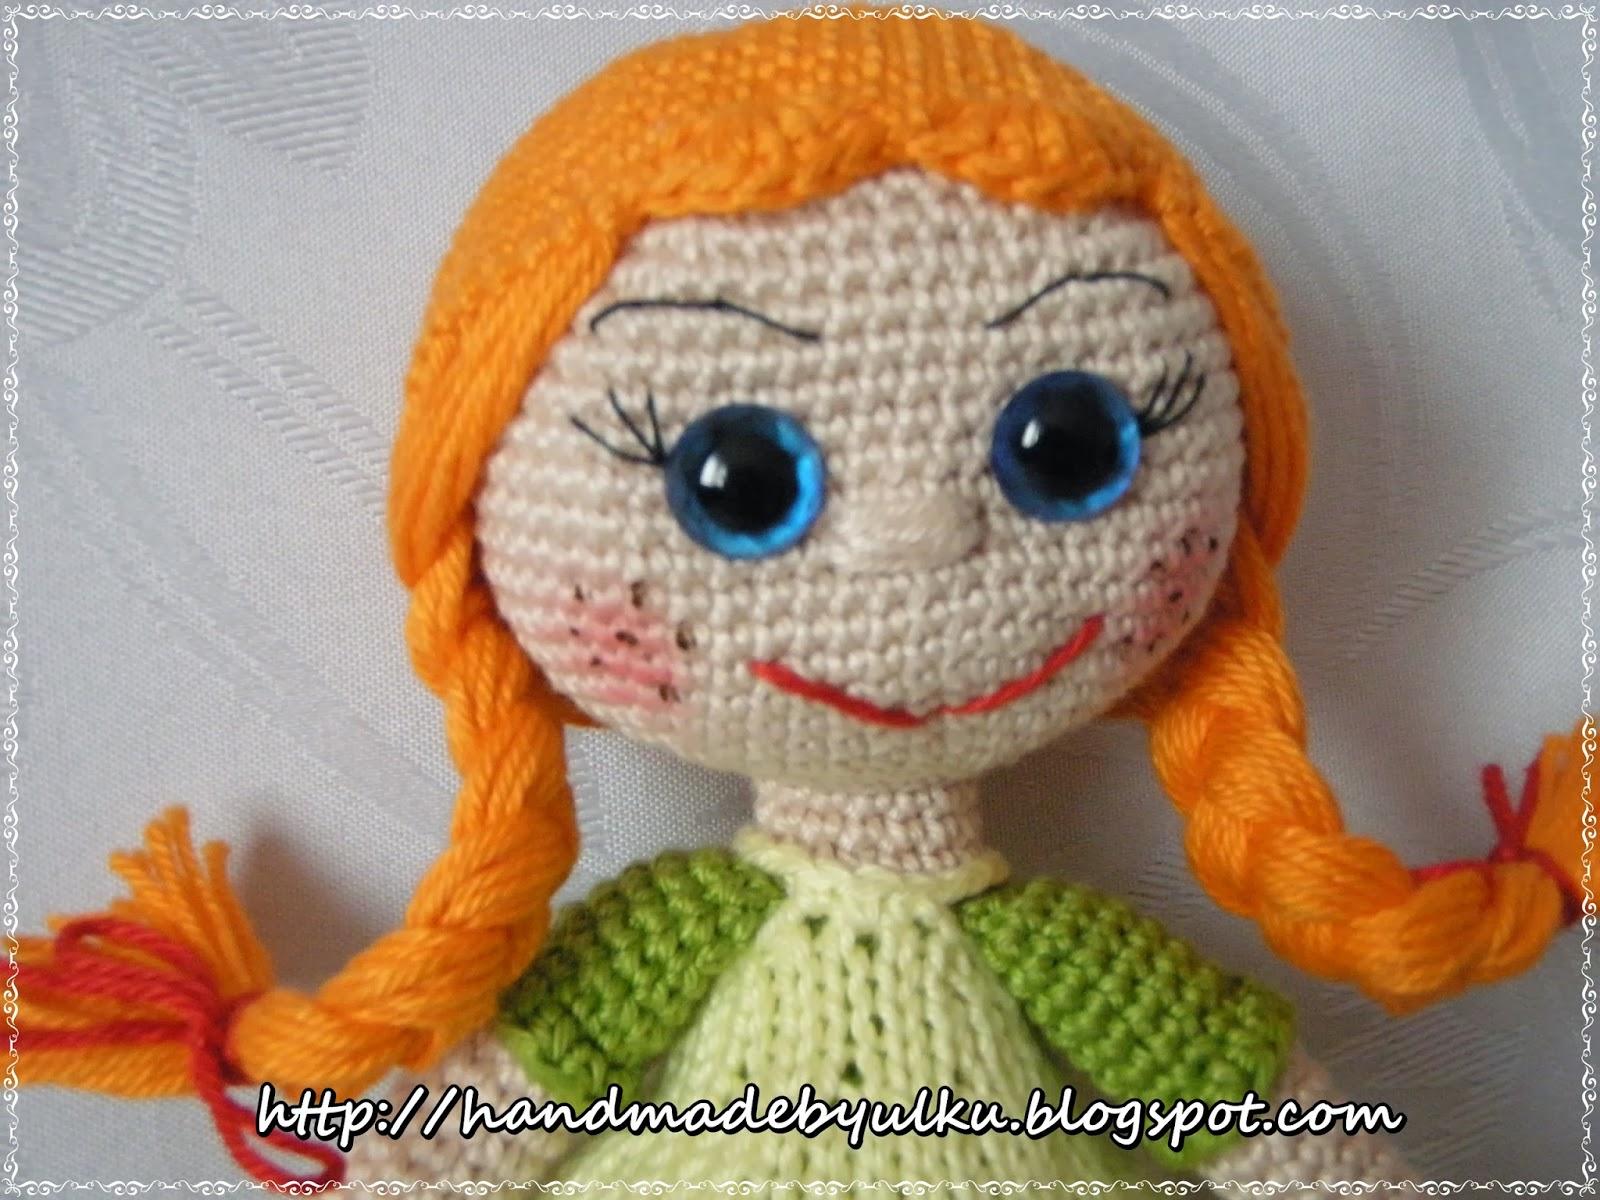 Handmade by Ülkü: Amigurumi Häkelanleitung Pippi / Pattern Pippi Doll